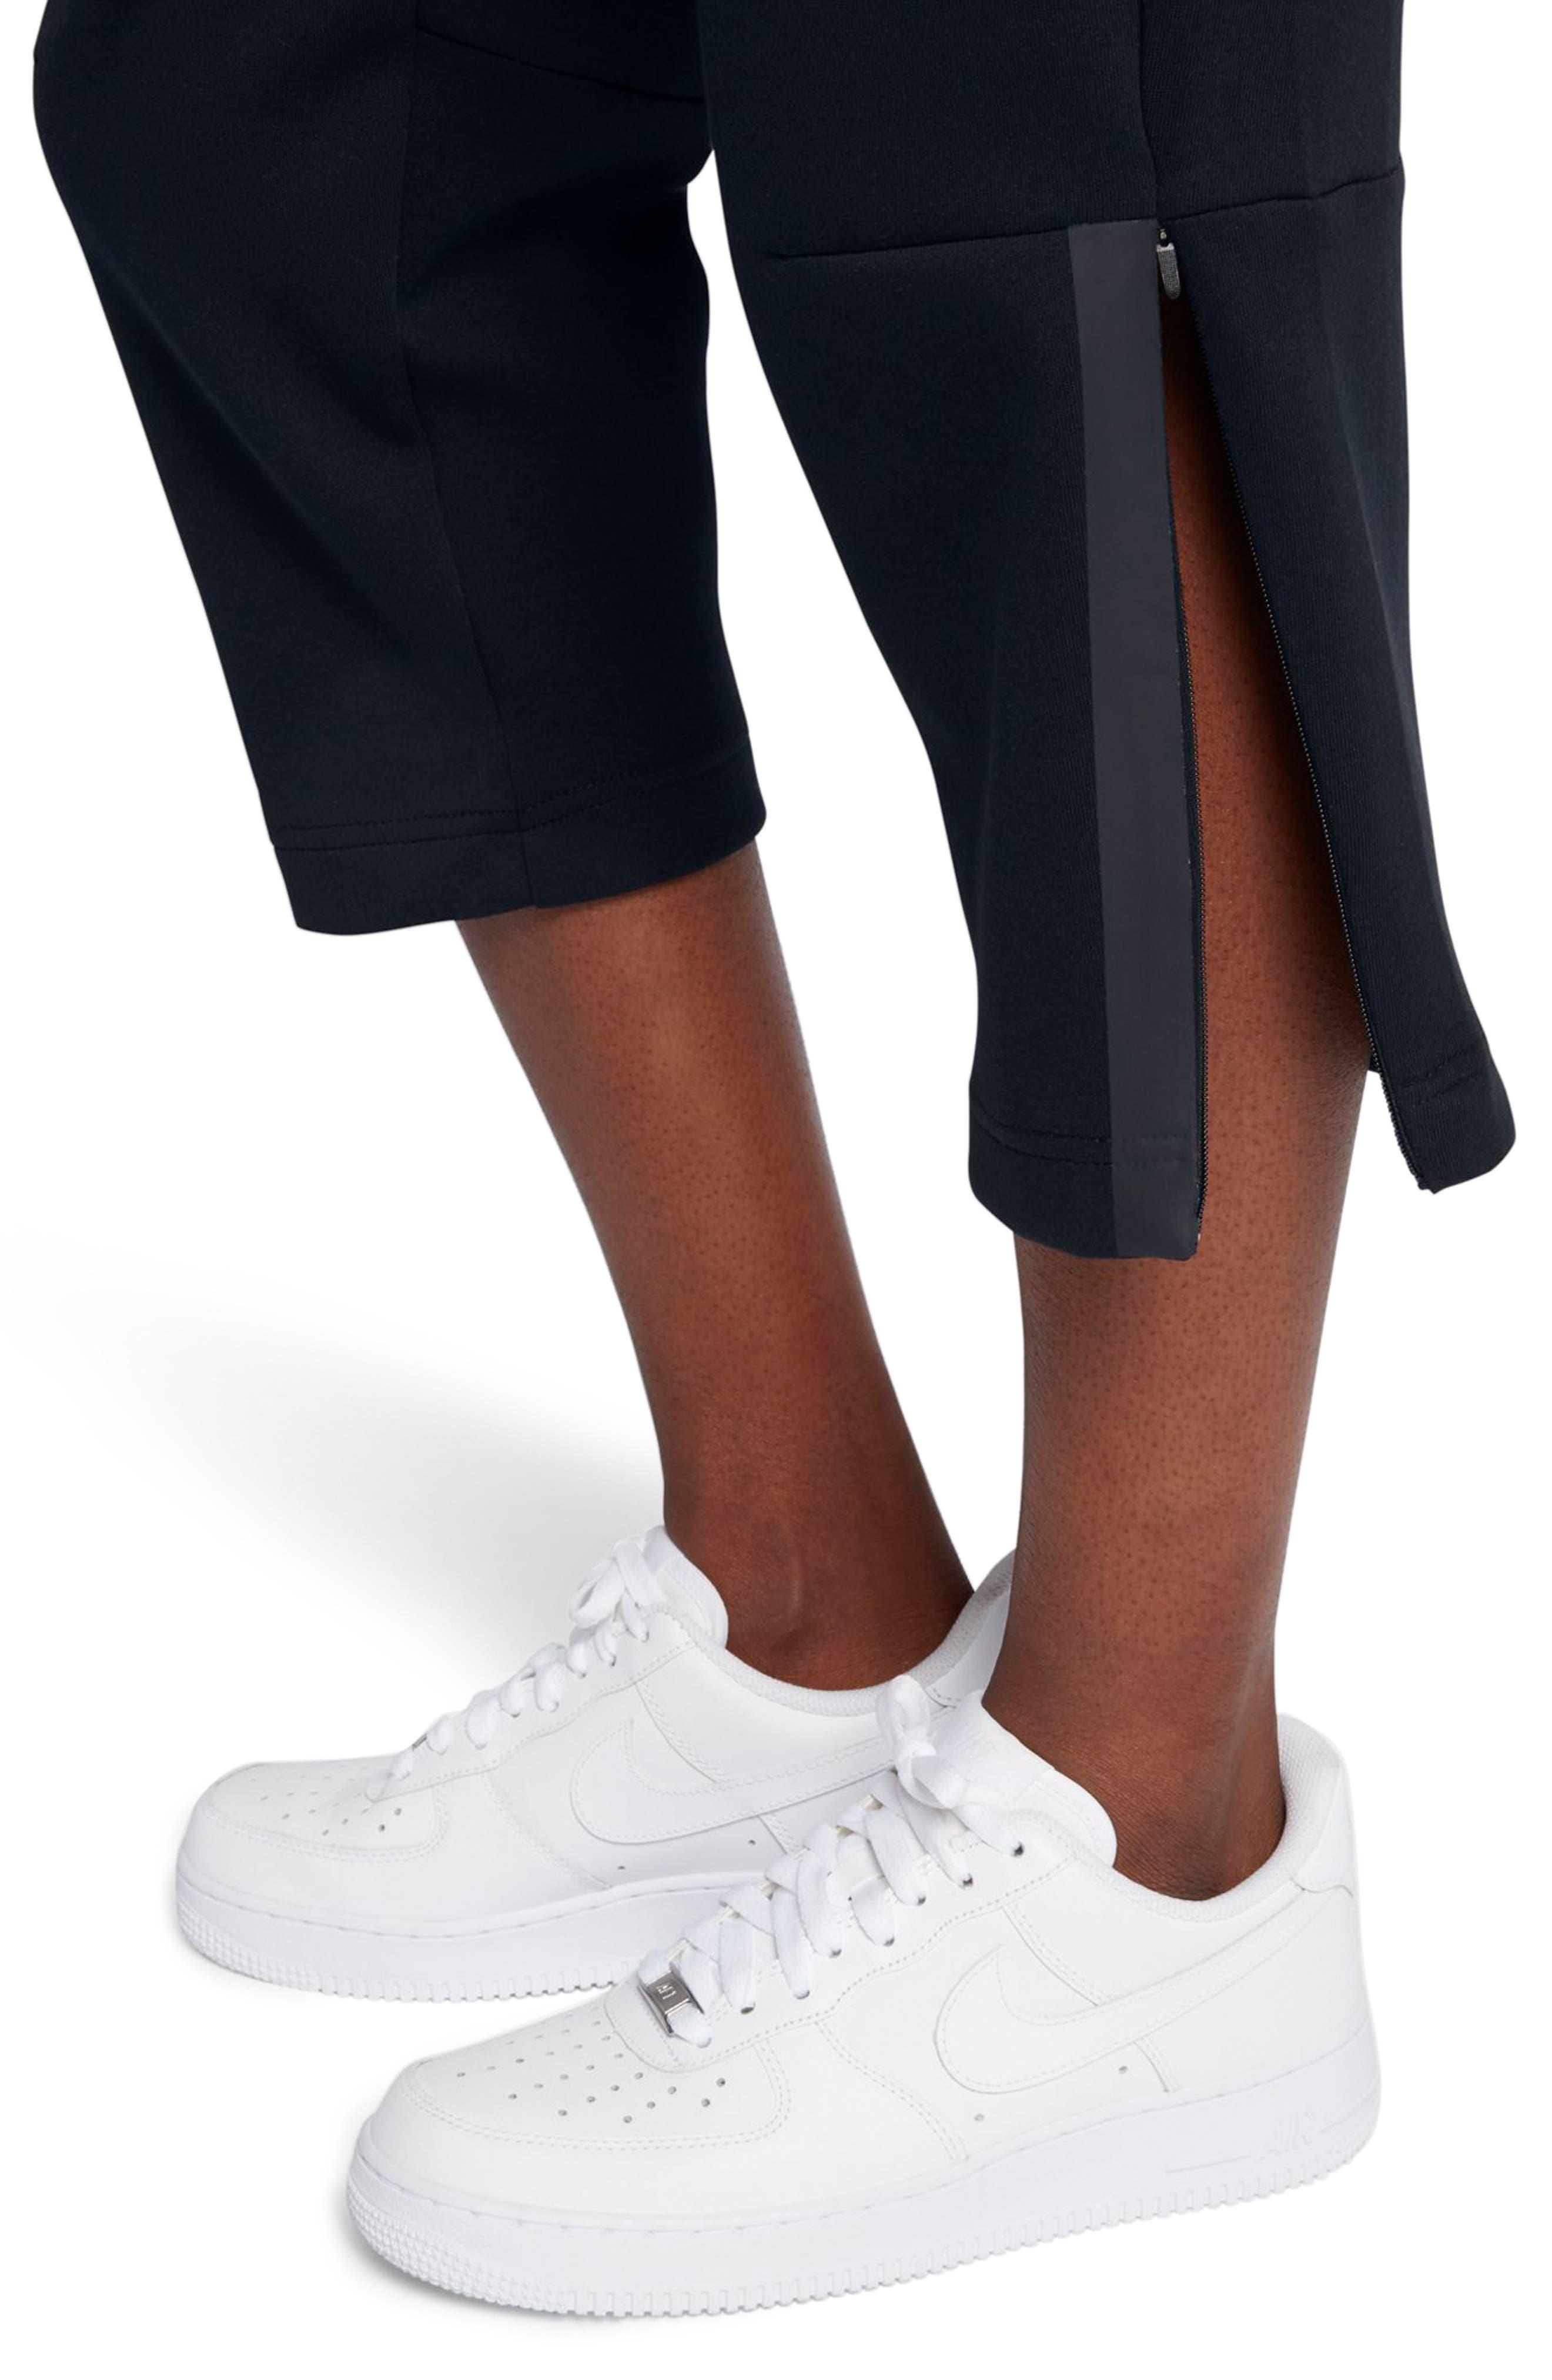 Sportswear Women's Tech Fleece Sneaker Pants,                             Alternate thumbnail 4, color,                             010